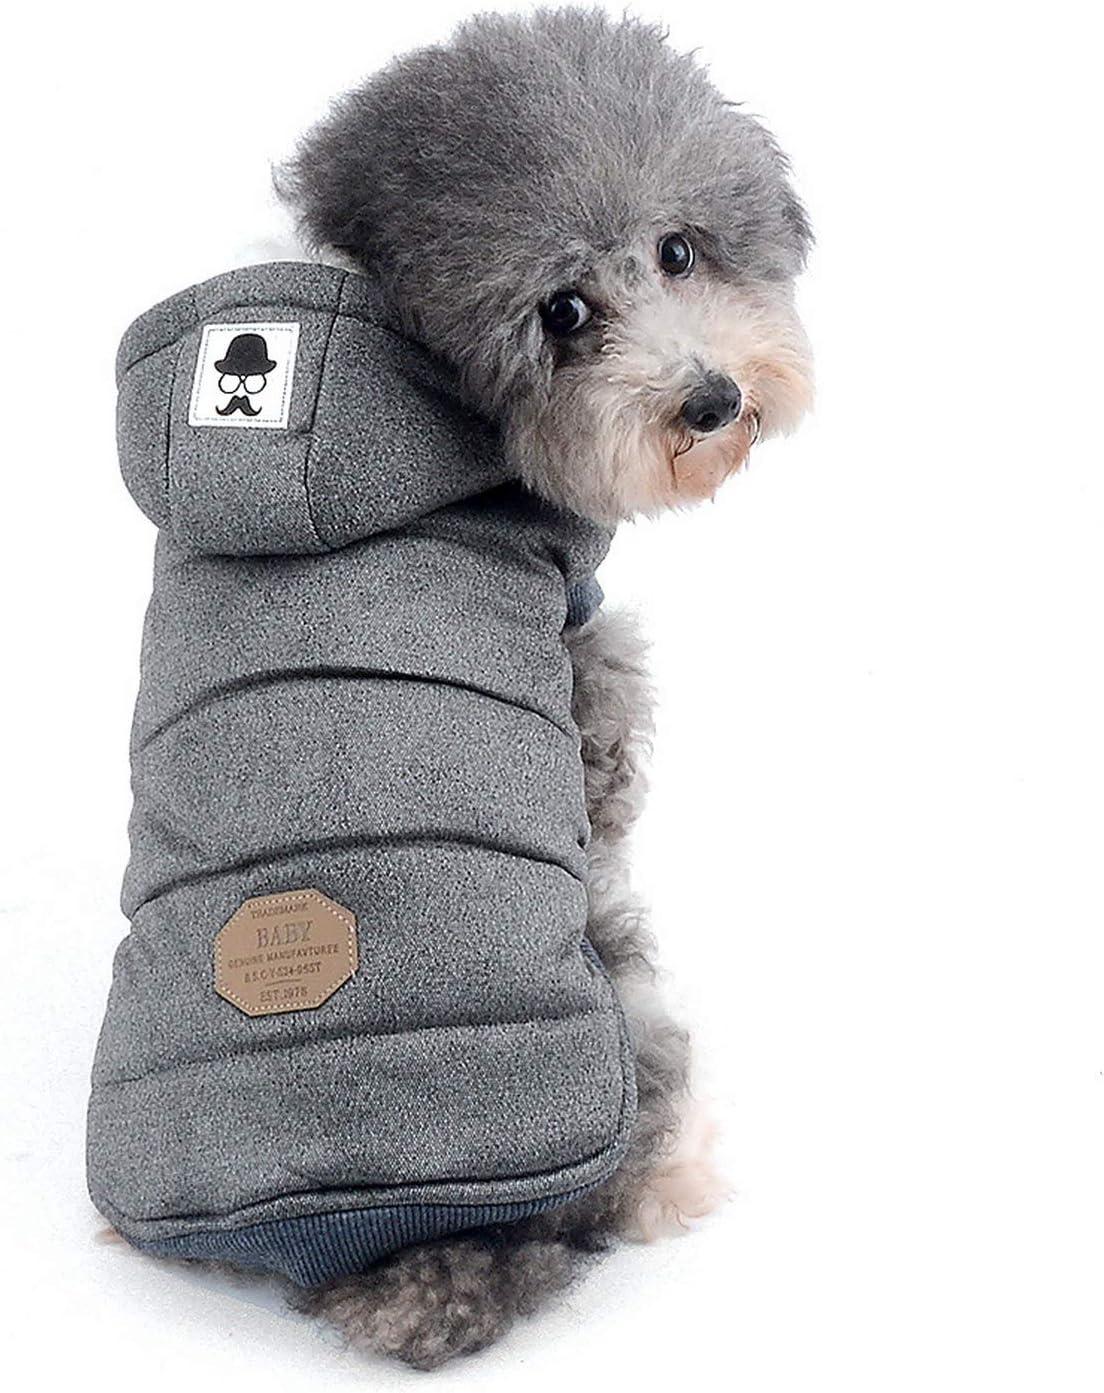 Zunea Chaleco de Perro pequeño Abrigo de Lana Forrada Abrigo de Invierno cálido Chaqueta de Cachorro con Capucha a Prueba de Viento Mascota de Chihuahua Ropa Ropa de Perrito Prendas de Vestir Gris S